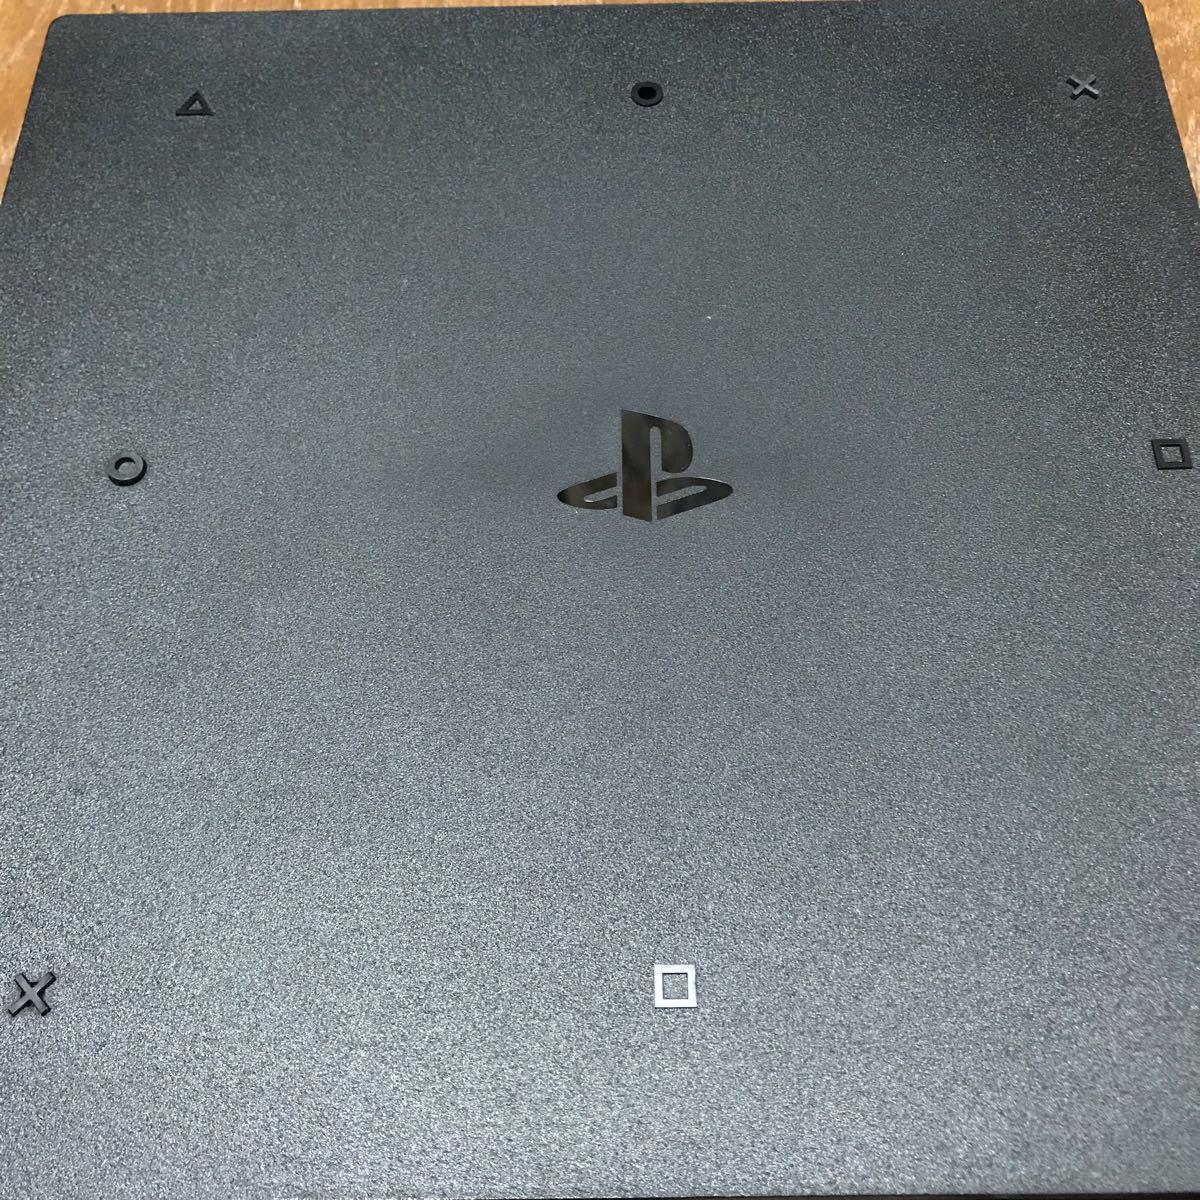 ps4 pro 本体 CUH-7200BB01 プレイステーション4 PlayStation 4 Pro